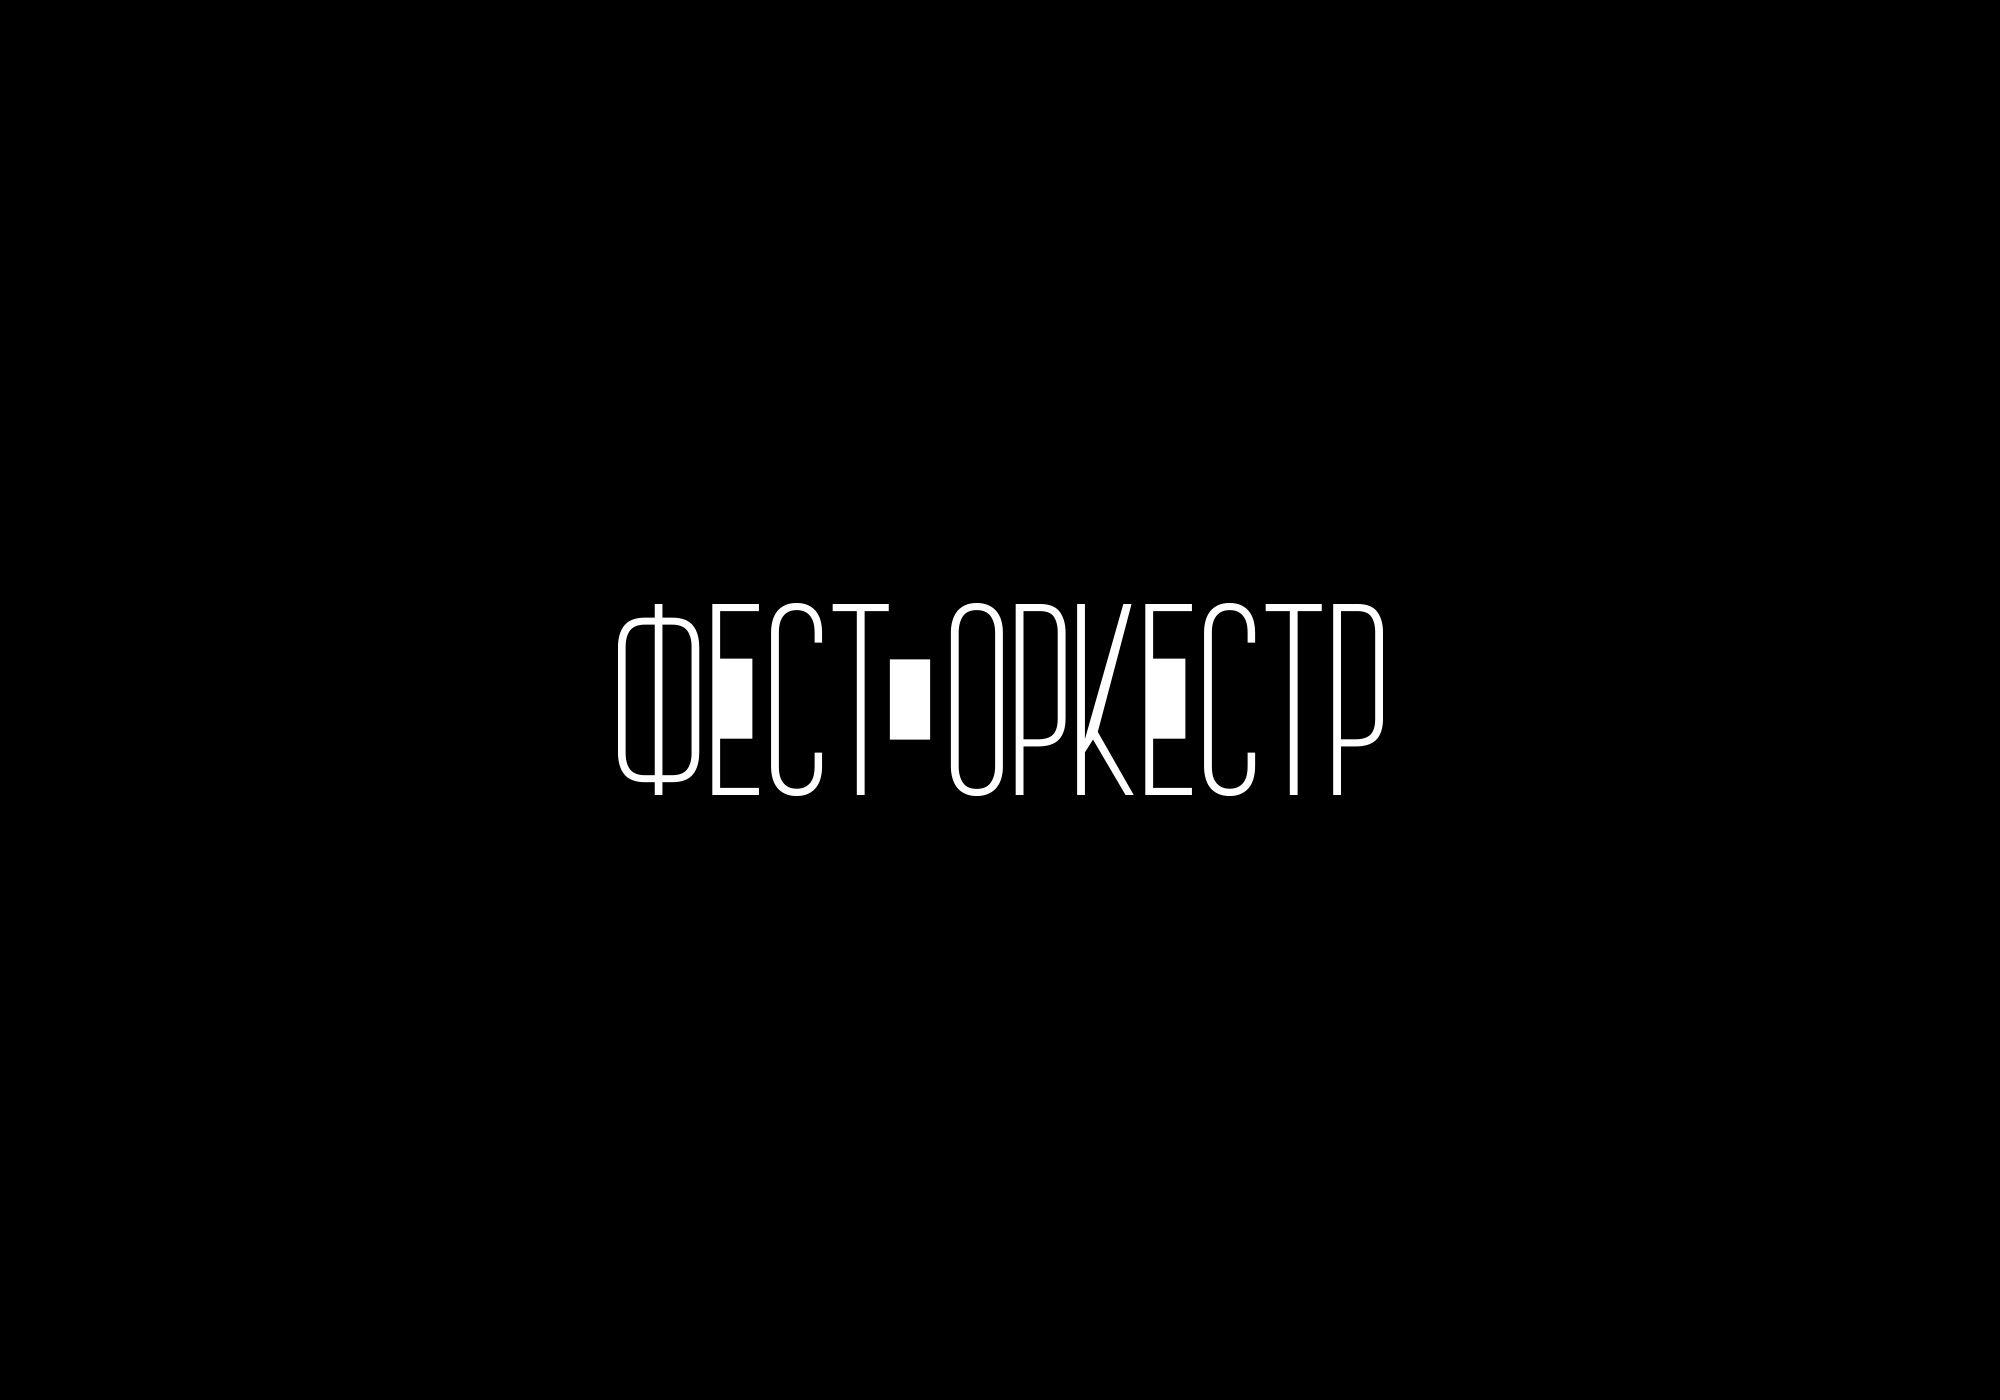 Логотип для Fest-orchestra - дизайнер Ninpo